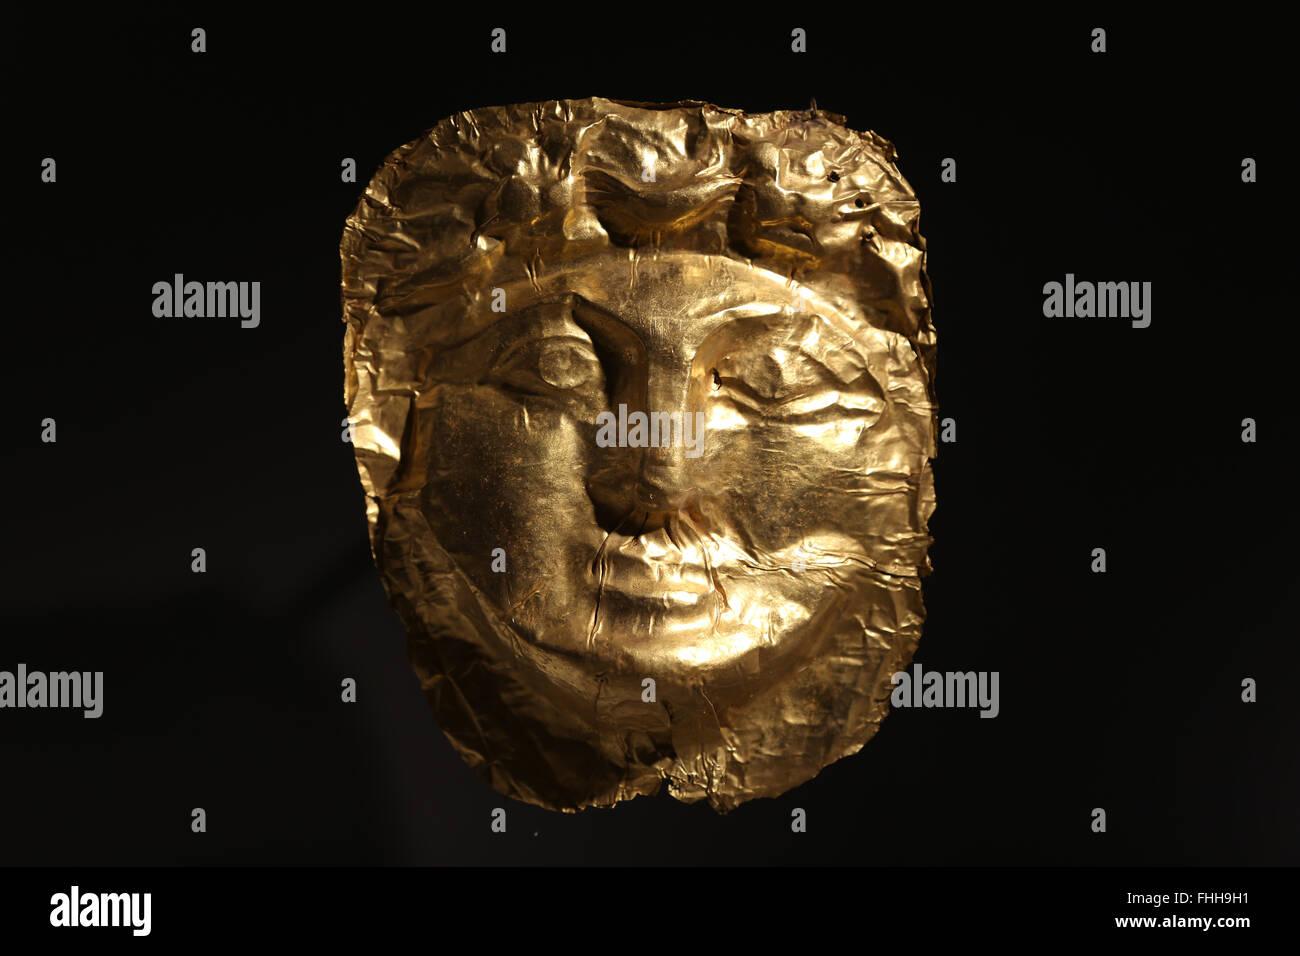 Les pratiques funéraires. Provinces de l'Est de l'Empire romain. Près de l'Est. Masque d'or. Photo Stock